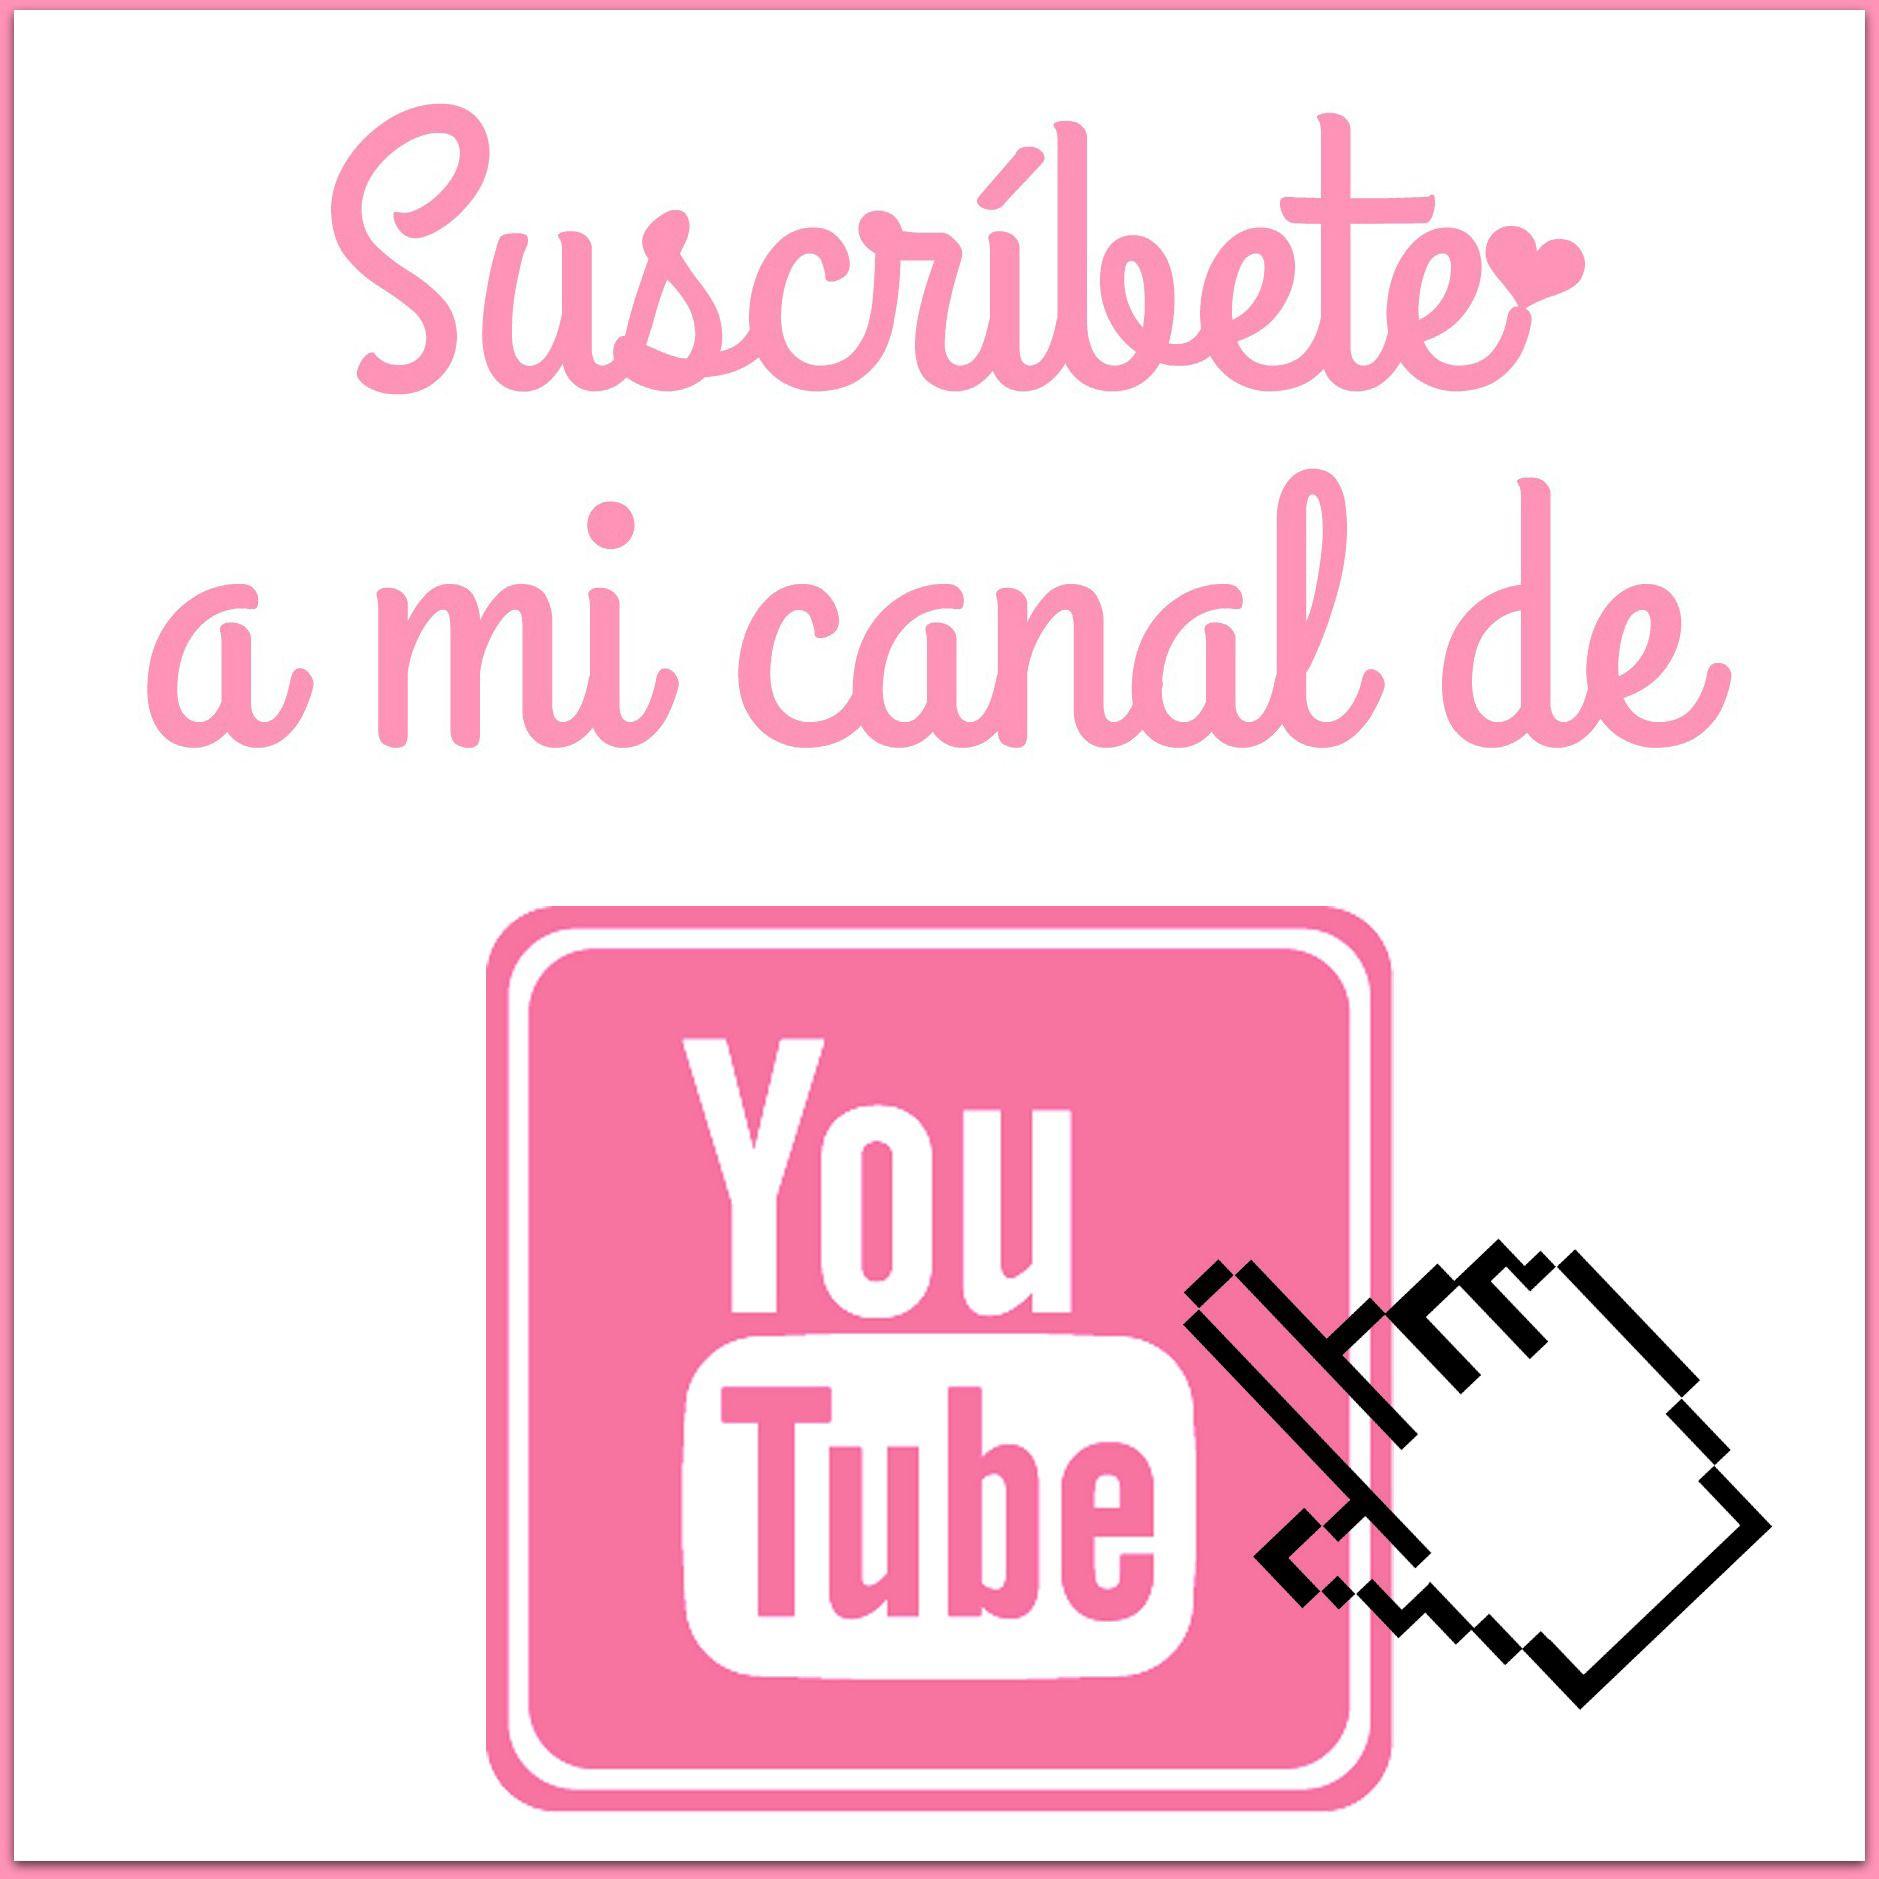 Suscríbete a mi Canal de Youtube! Cupones para novio